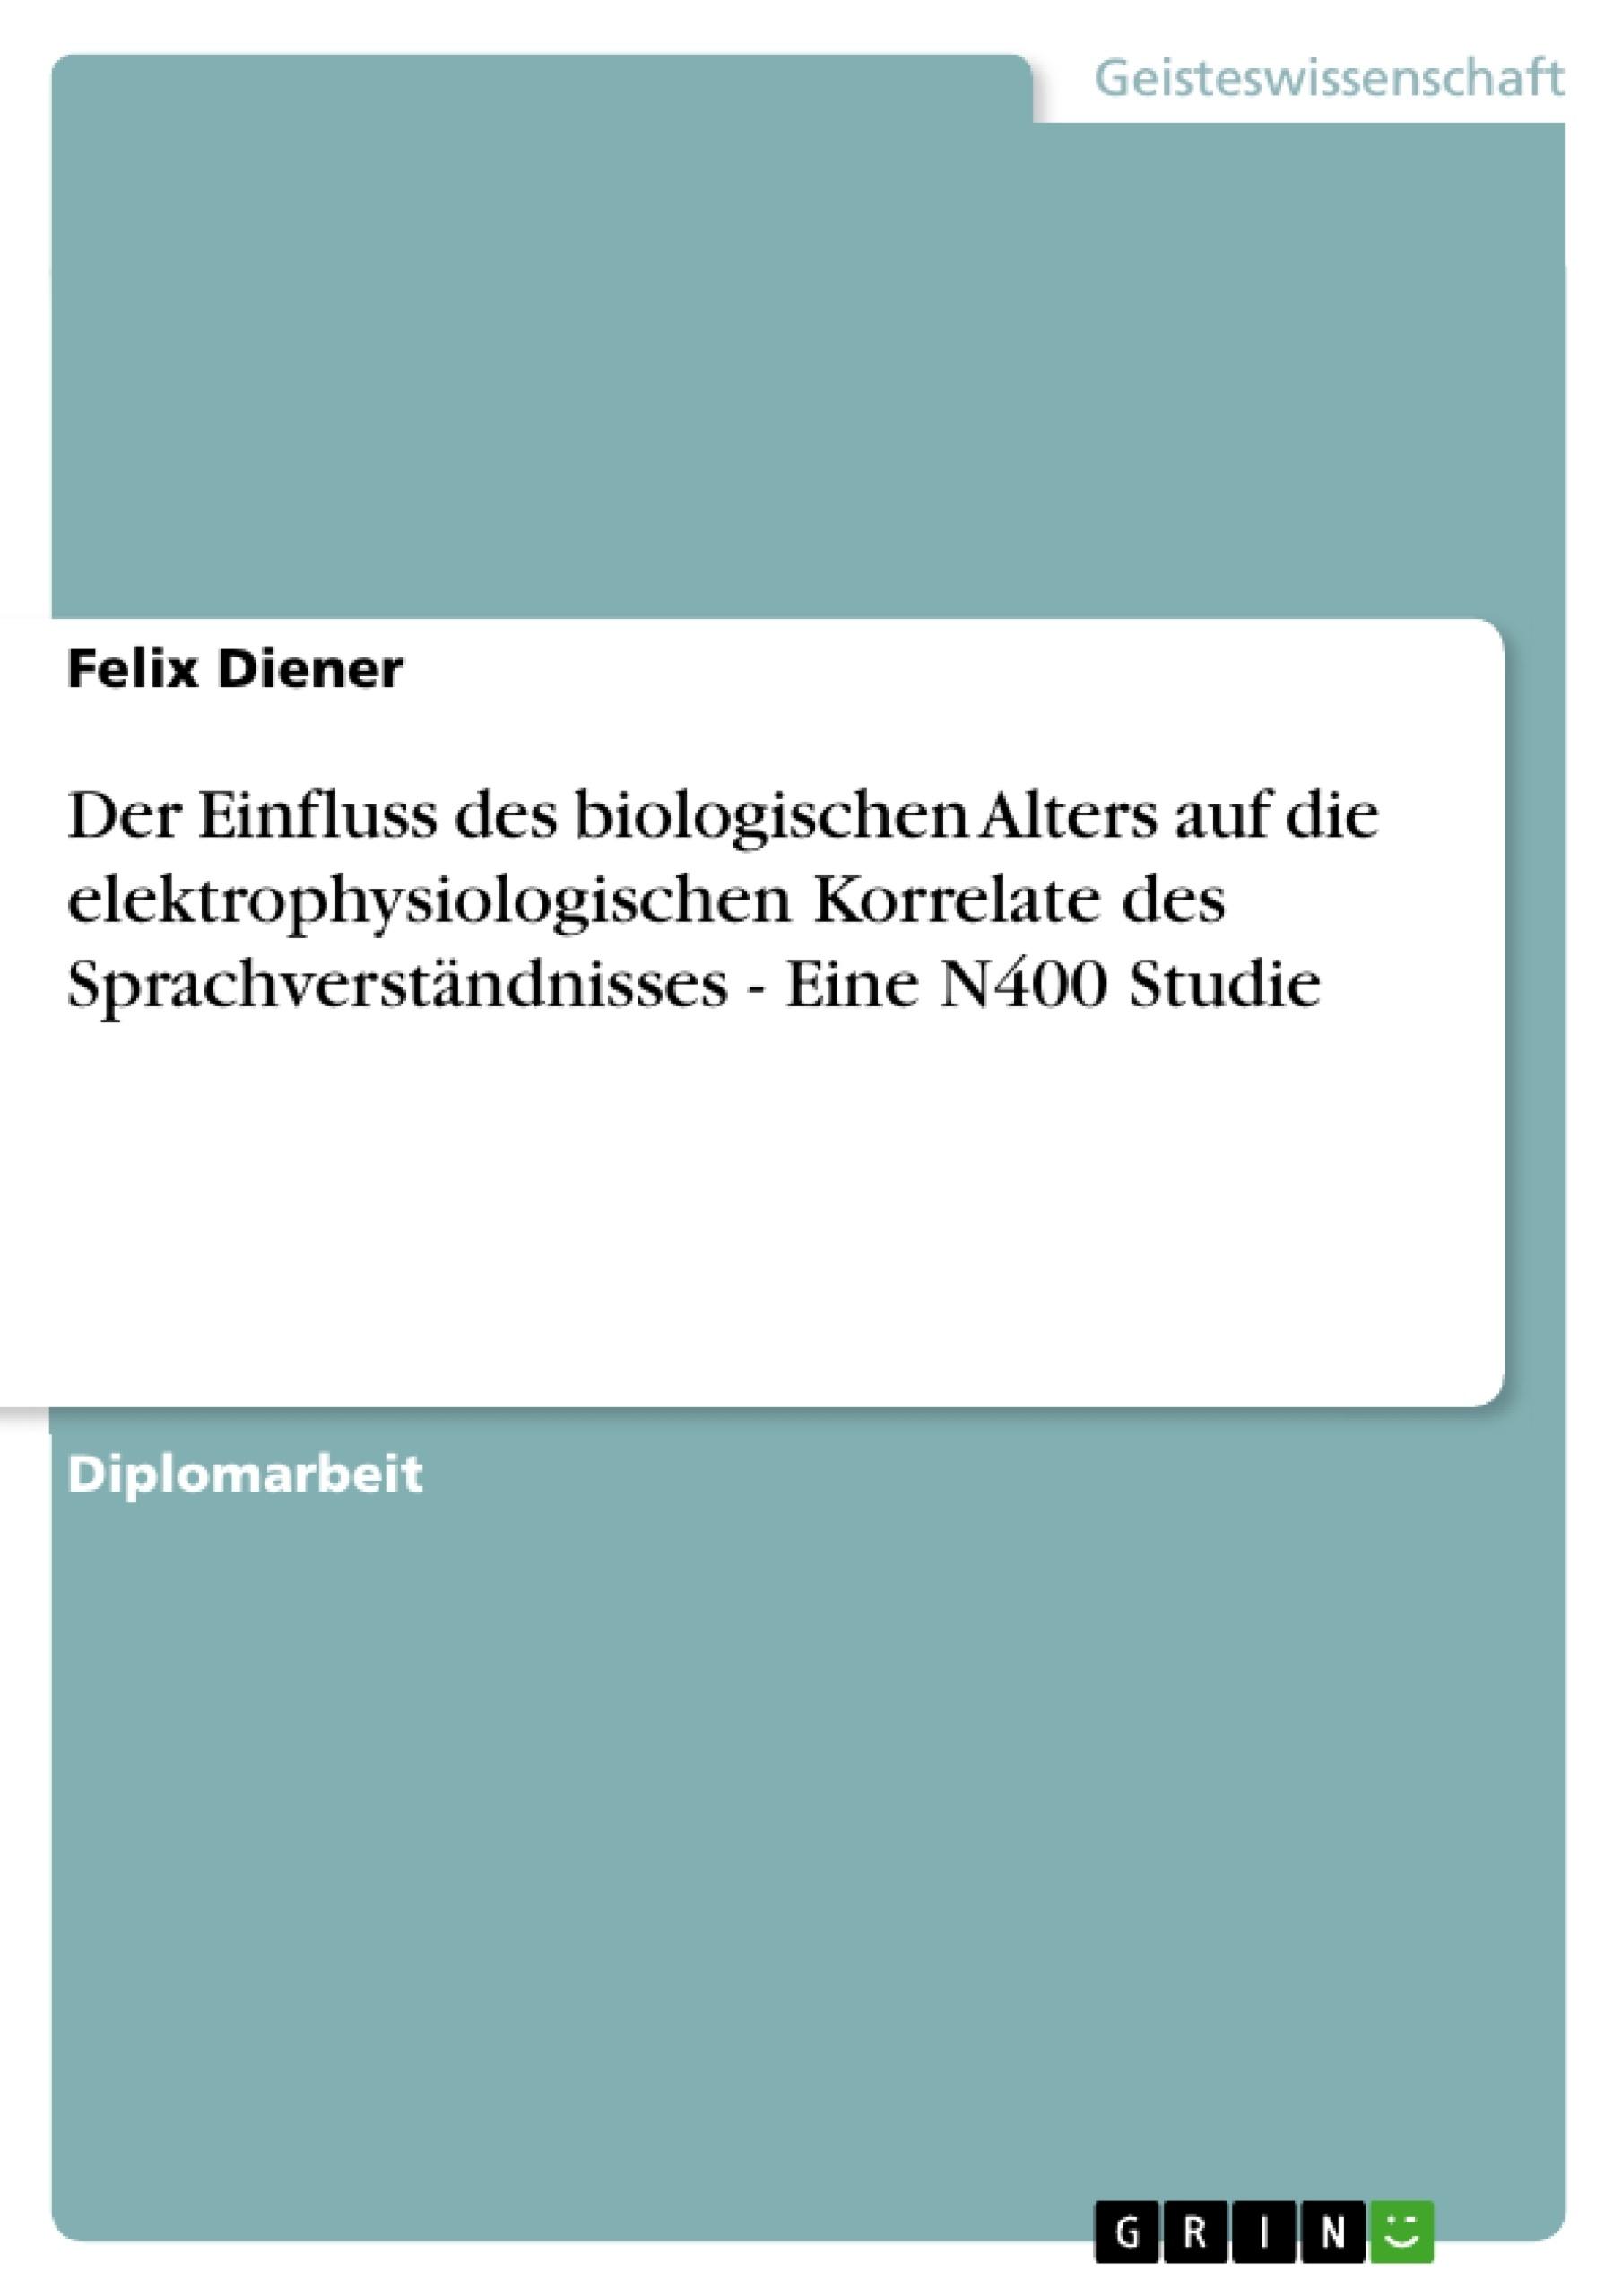 Titel: Der Einfluss des biologischen Alters auf die elektrophysiologischen Korrelate des Sprachverständnisses - Eine N400 Studie